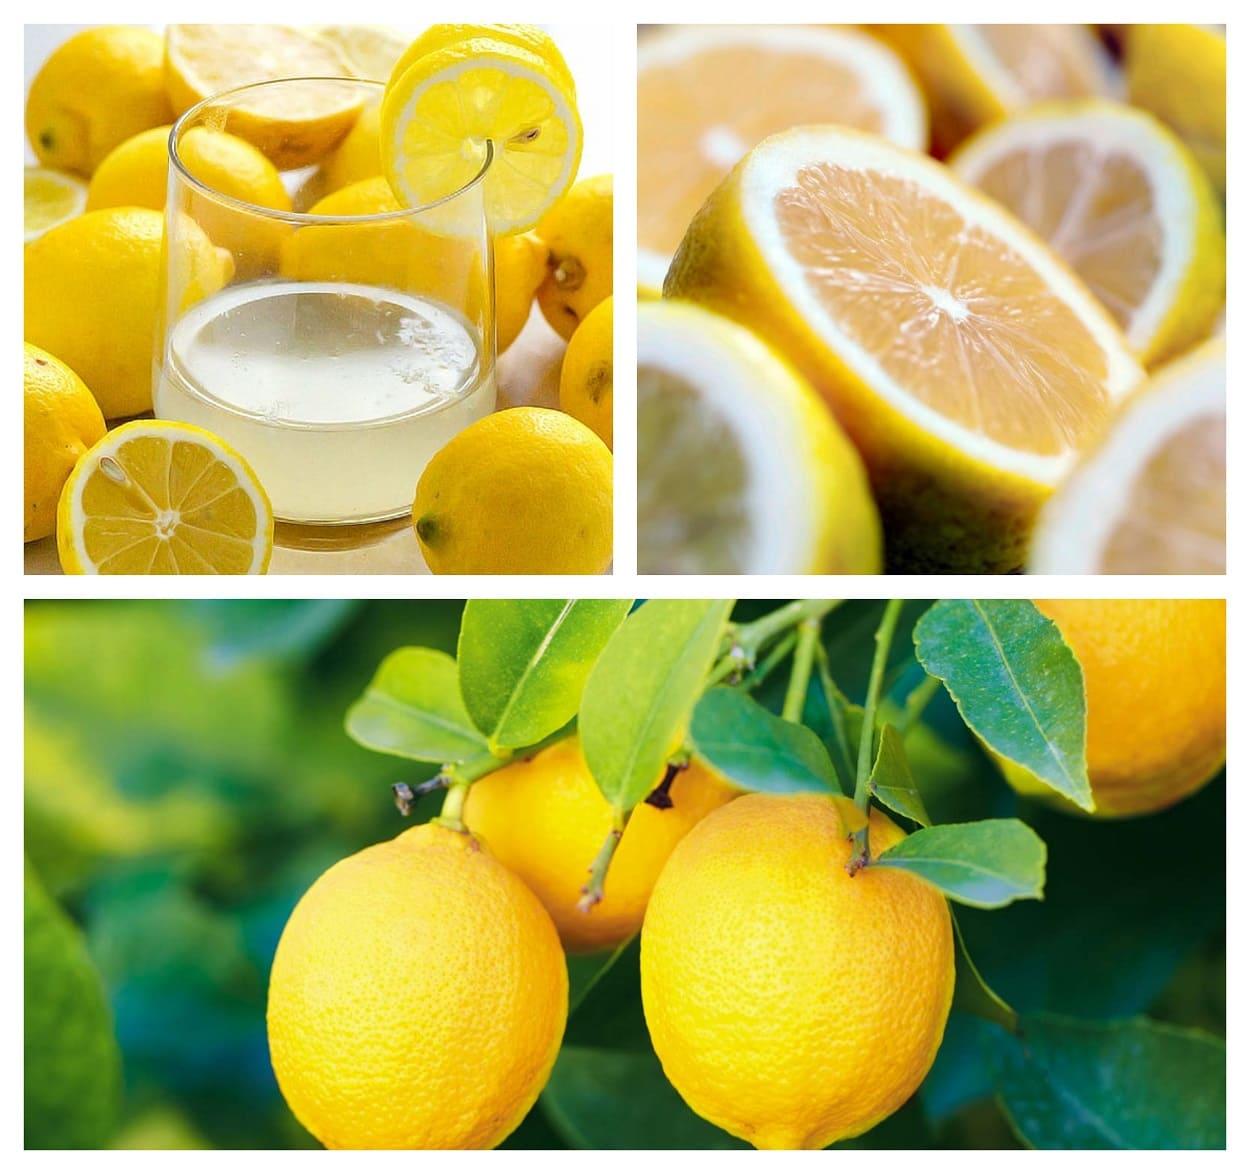 Beneficios del limón. Su información nutricional y propiedades